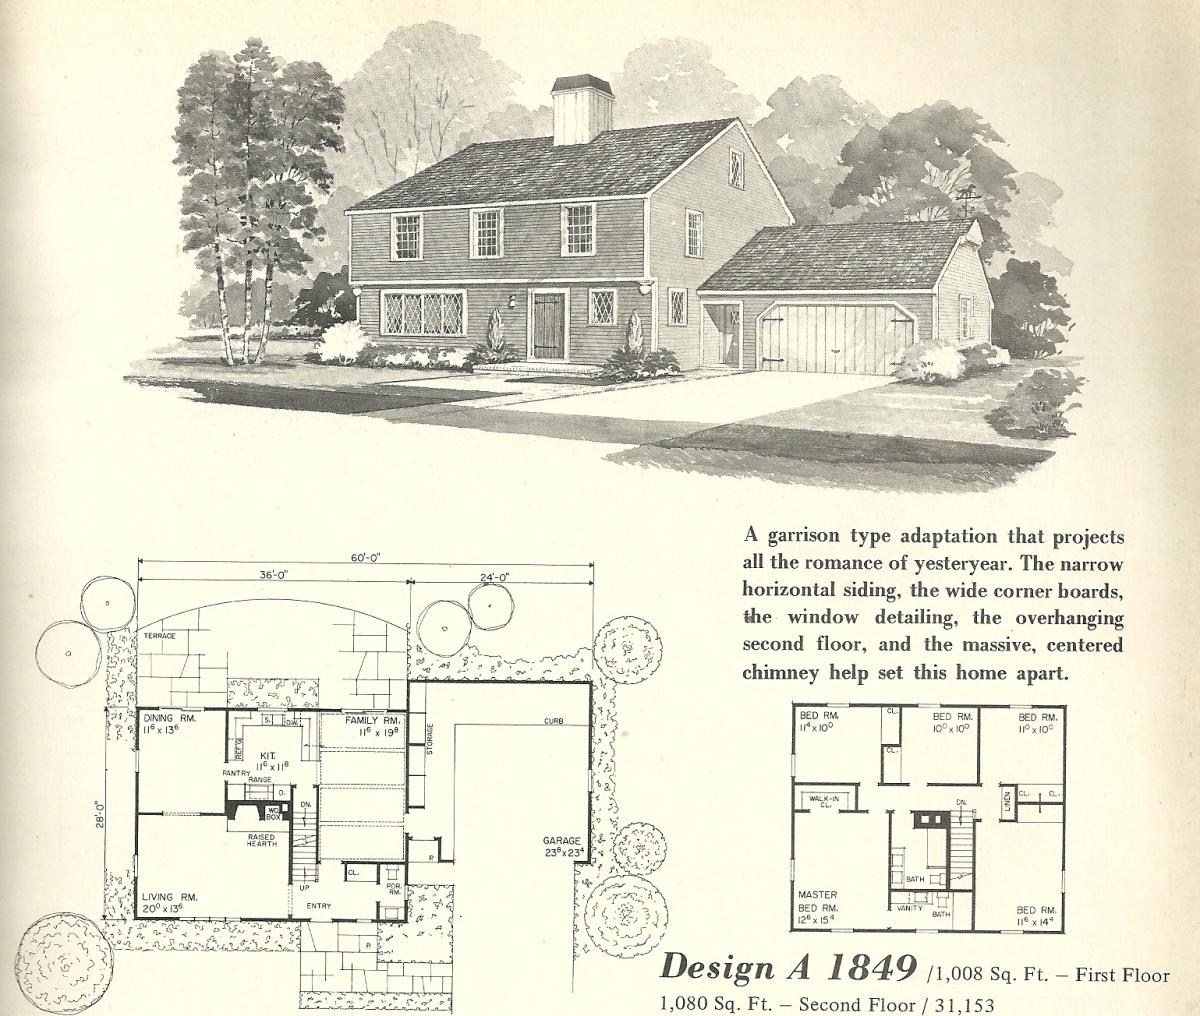 Vintage House Plans 1849 | on home plans vintage, old house plans vintage, craftsman house plans vintage,